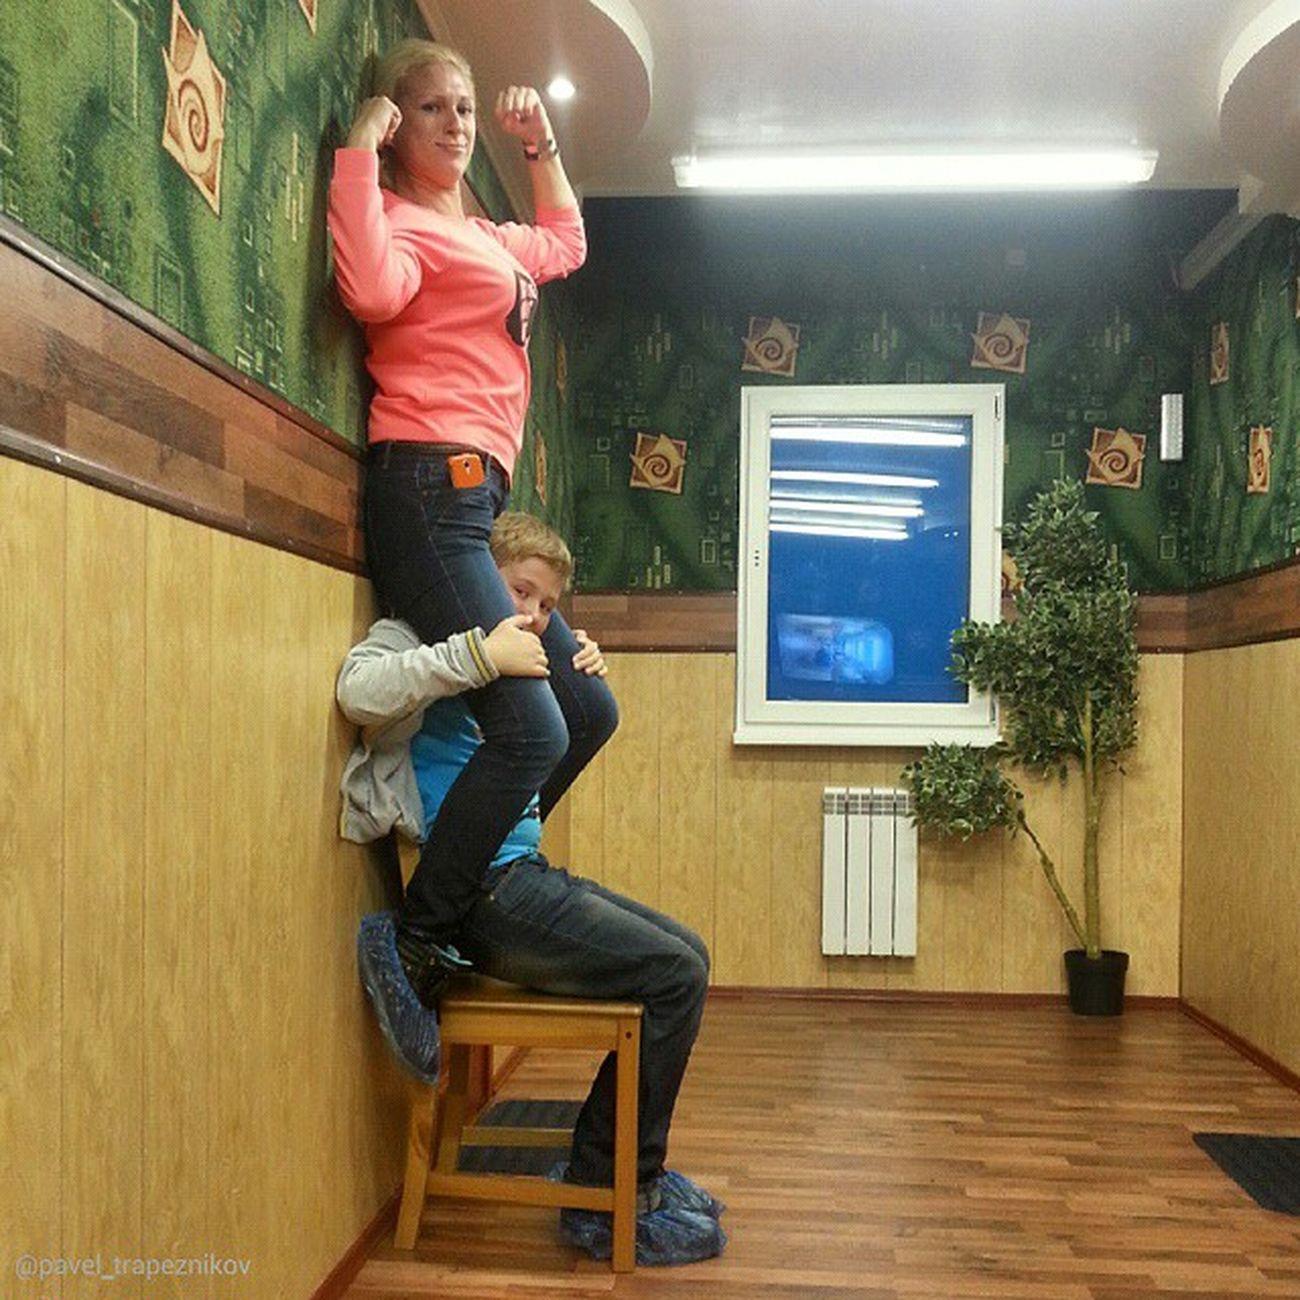 """20141109 , Россия , Новосибирск . ПаркЧудес """"Галилео"""". Перевёрнутая комната. Мой сынок - силач!..;-) / Russia, Novosibirsk. ParkOfWonderland """"Galileo"""". Inverted room. My son - a strongman!..;-)"""